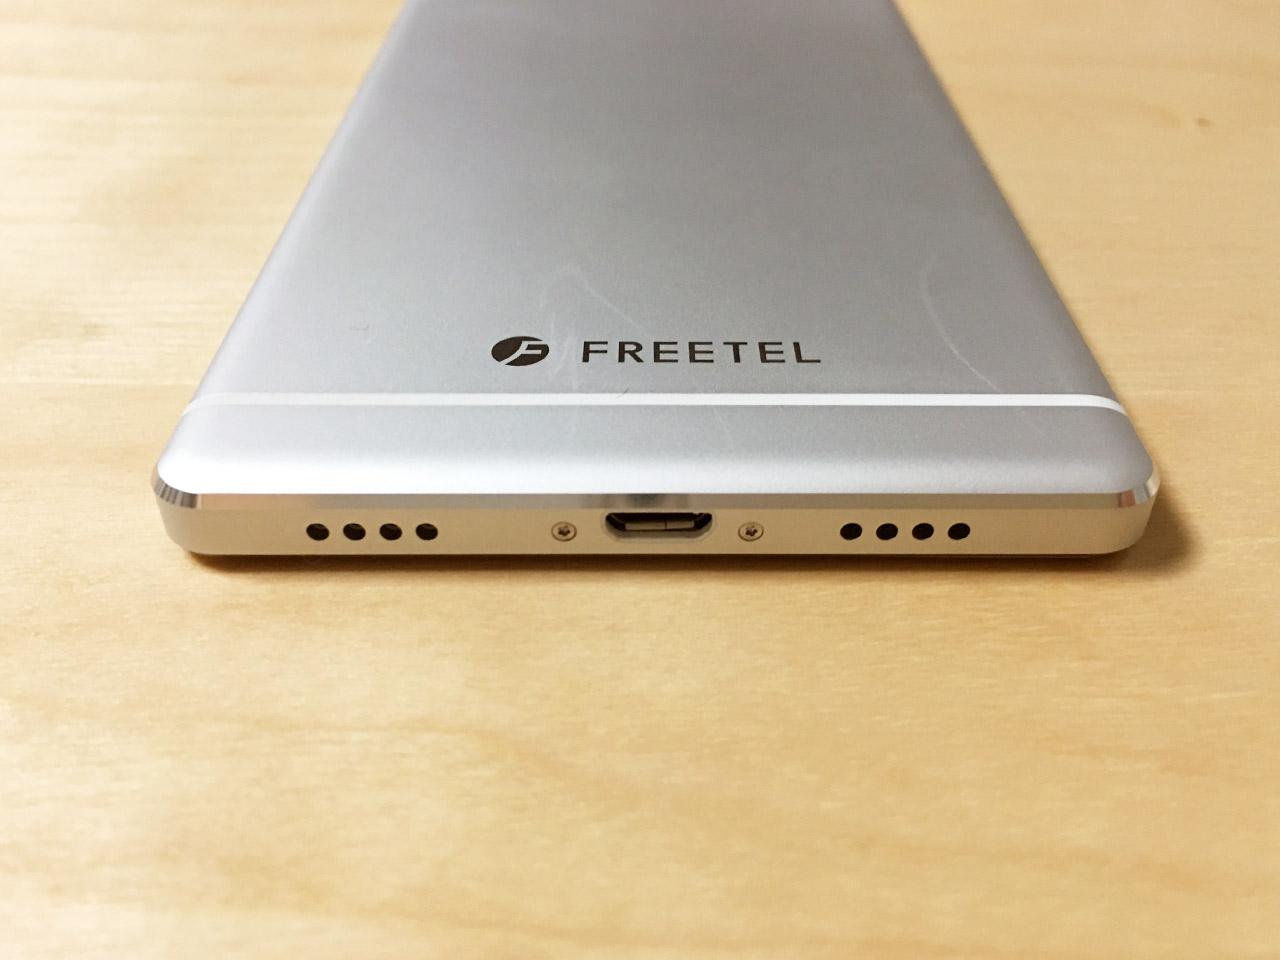 freetel-rei-review-06